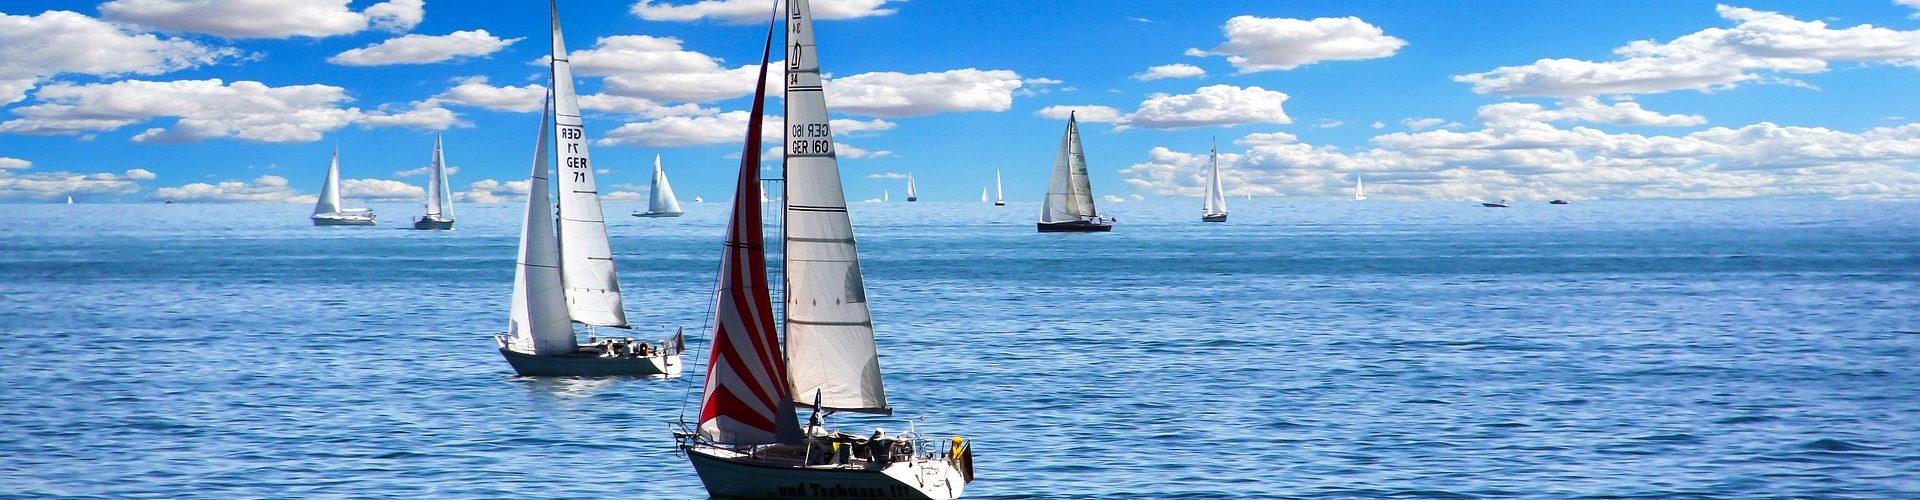 segeln lernen in Eilenburg segelschein machen in Eilenburg 1920x500 - Segeln lernen in Eilenburg